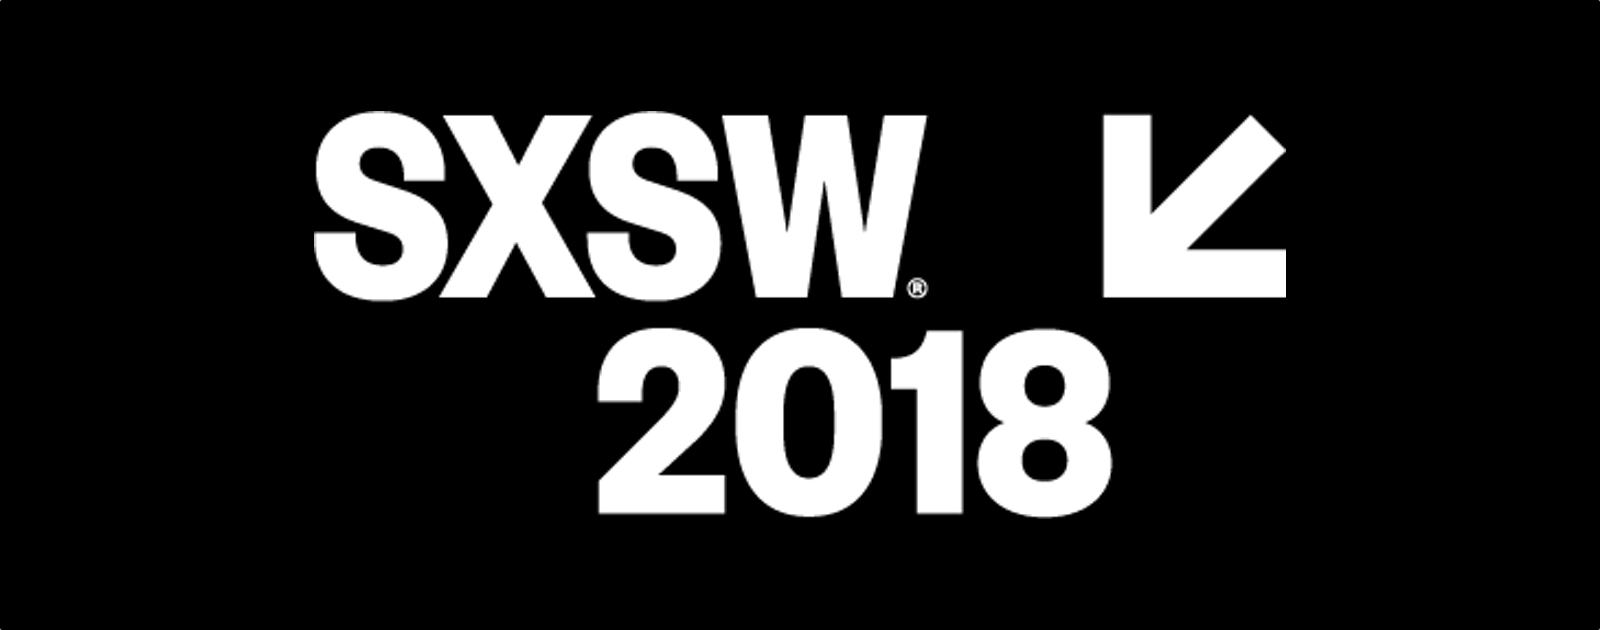 SXSW Accelerator Pitch logo.